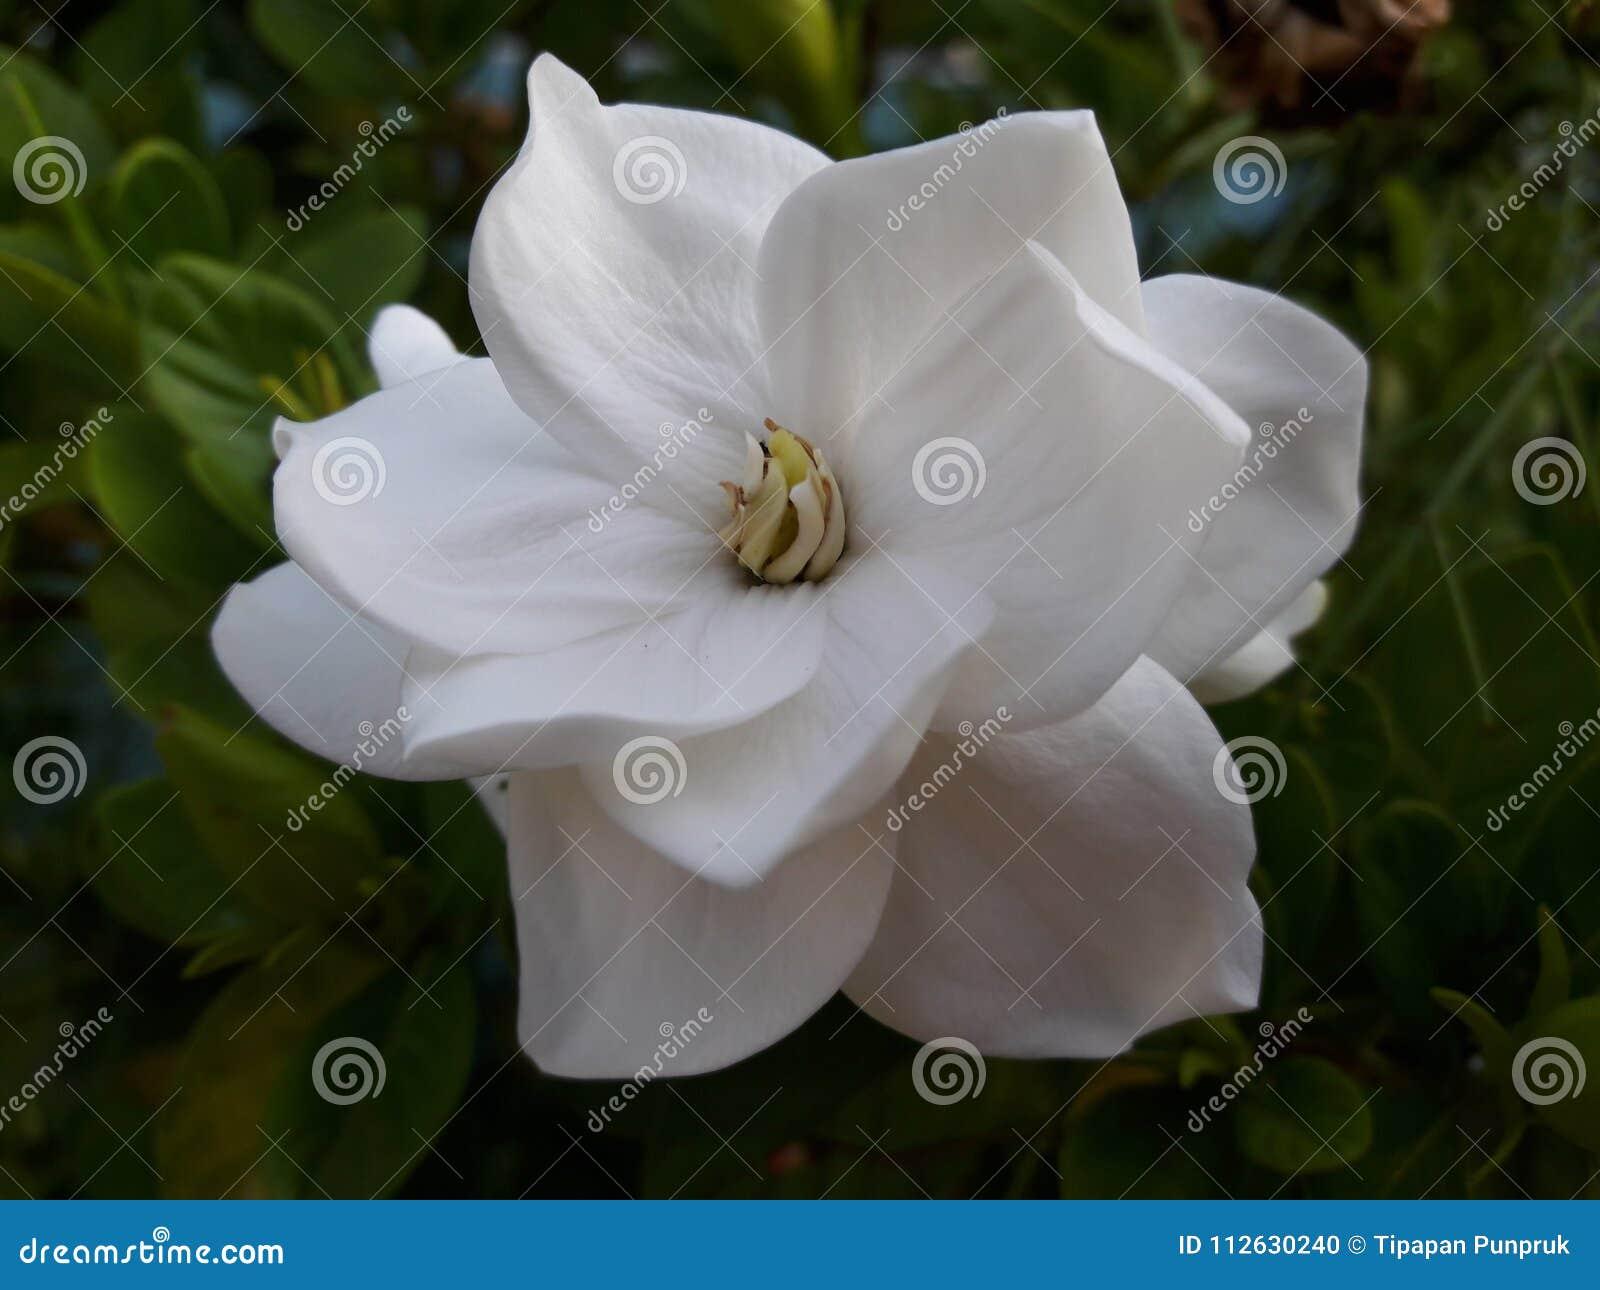 Gardenia Jasminoides Stock Photo Image Of White Sweet 112630240